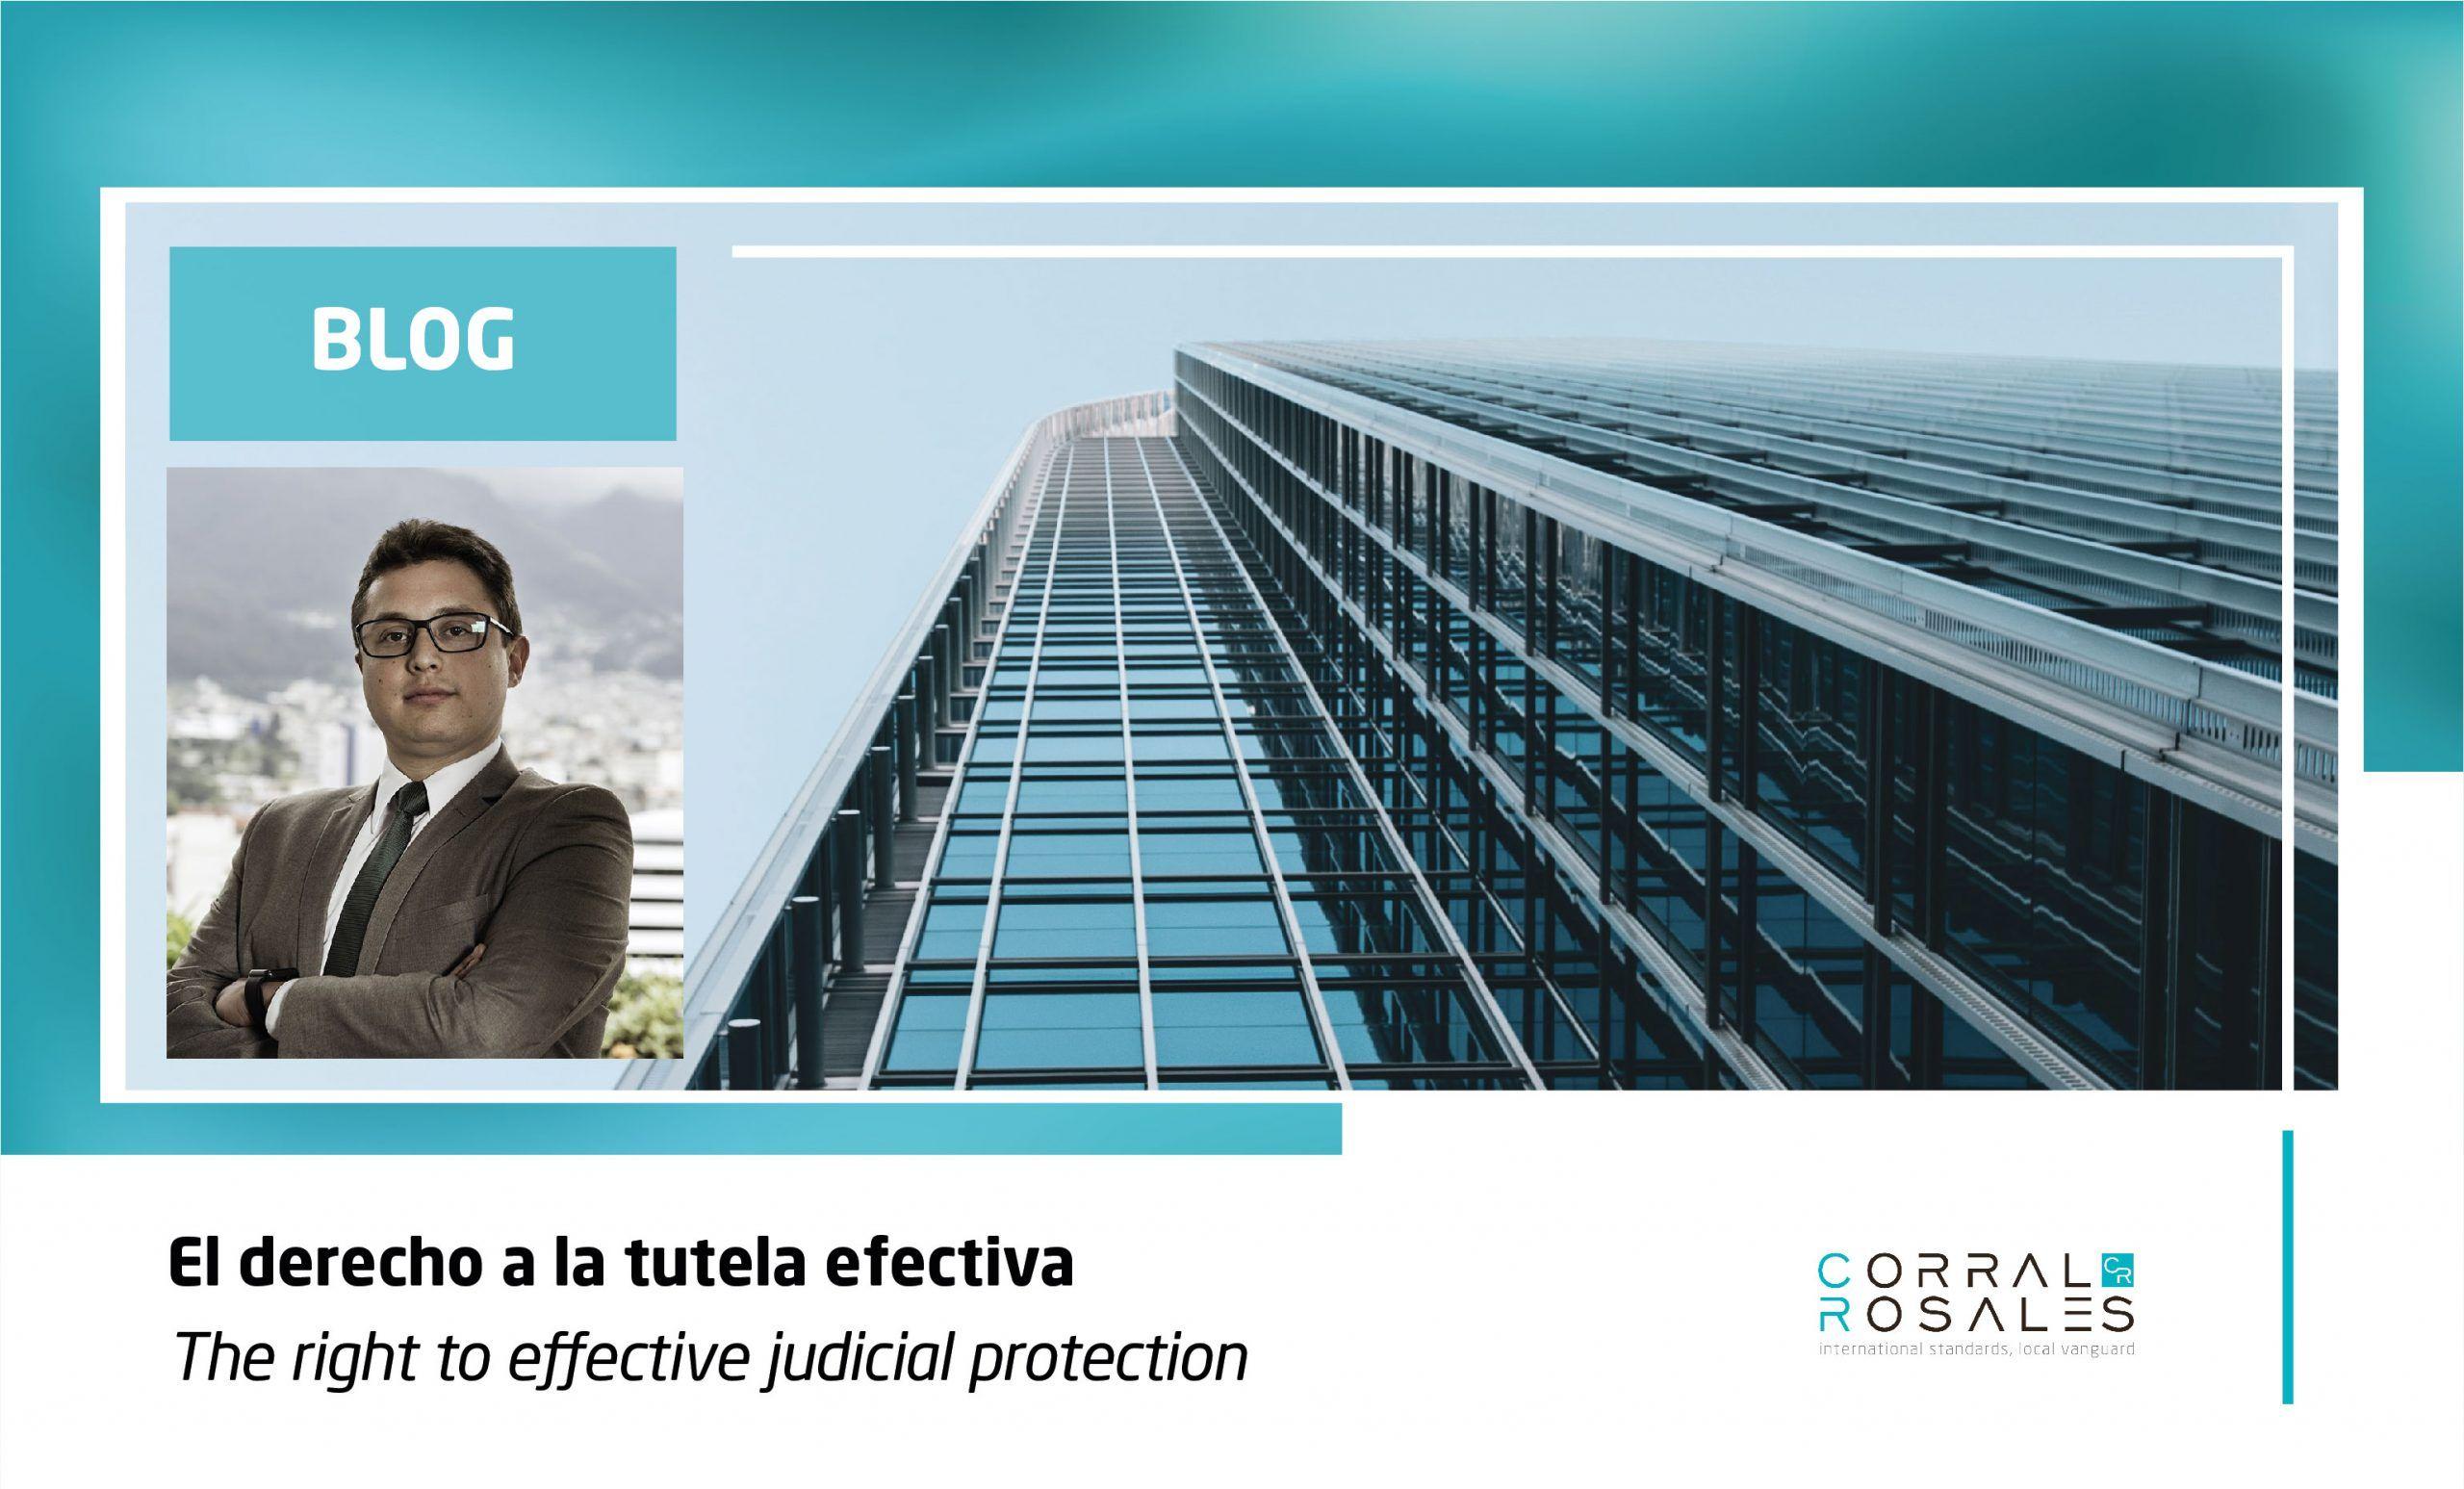 El derecho a la tutela efectiva - CorralRosales - Blog - Ramón Paz y Miño - Abogados Ecuador - Latam